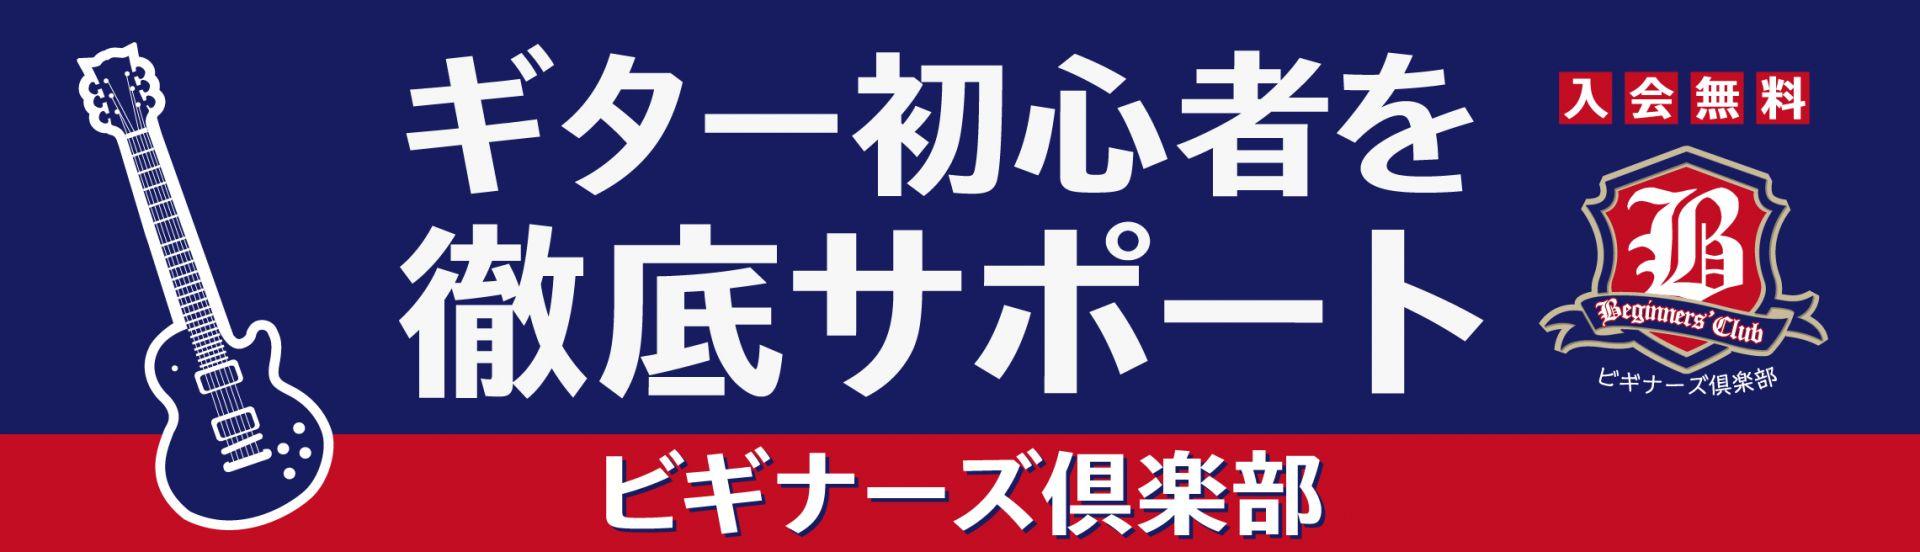 ビギナーズ倶楽部_バナー